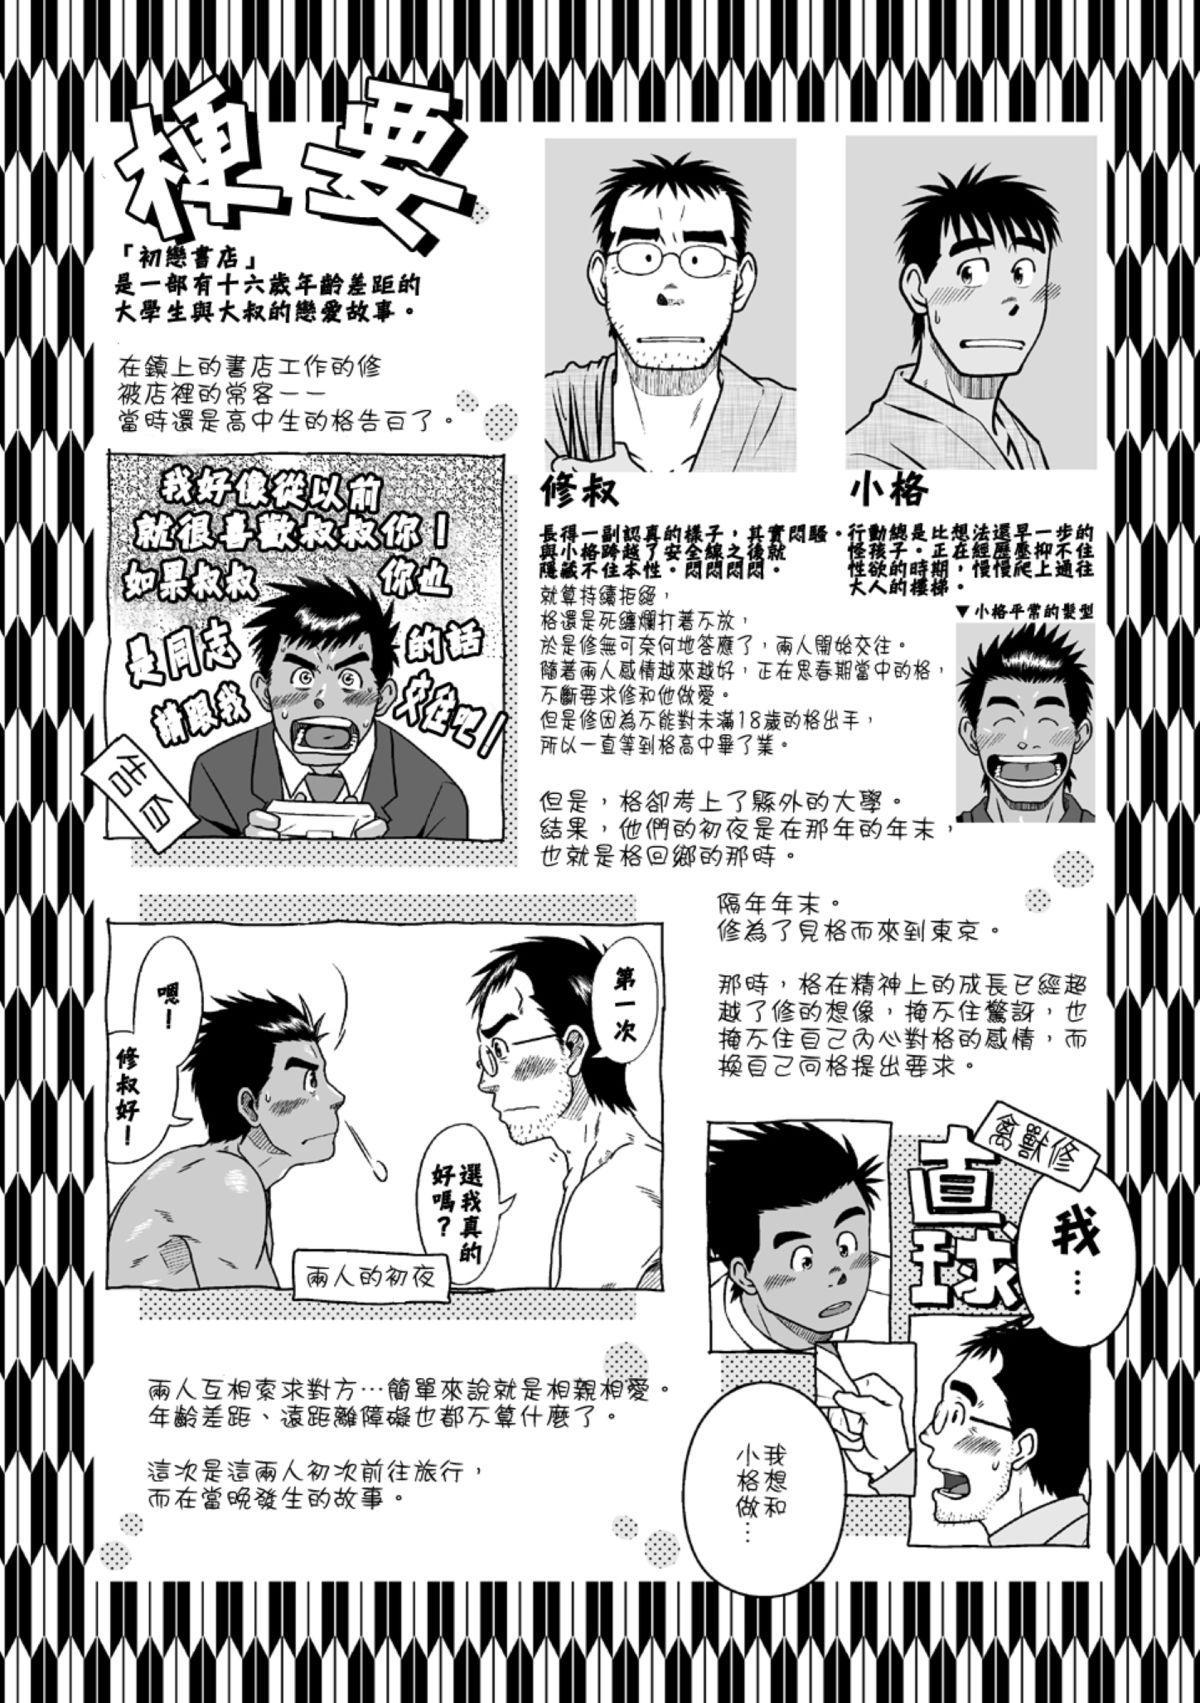 Hatsukoi Shoten 2 - Bururi Kaidan Ryokan | 初戀書店 2 1